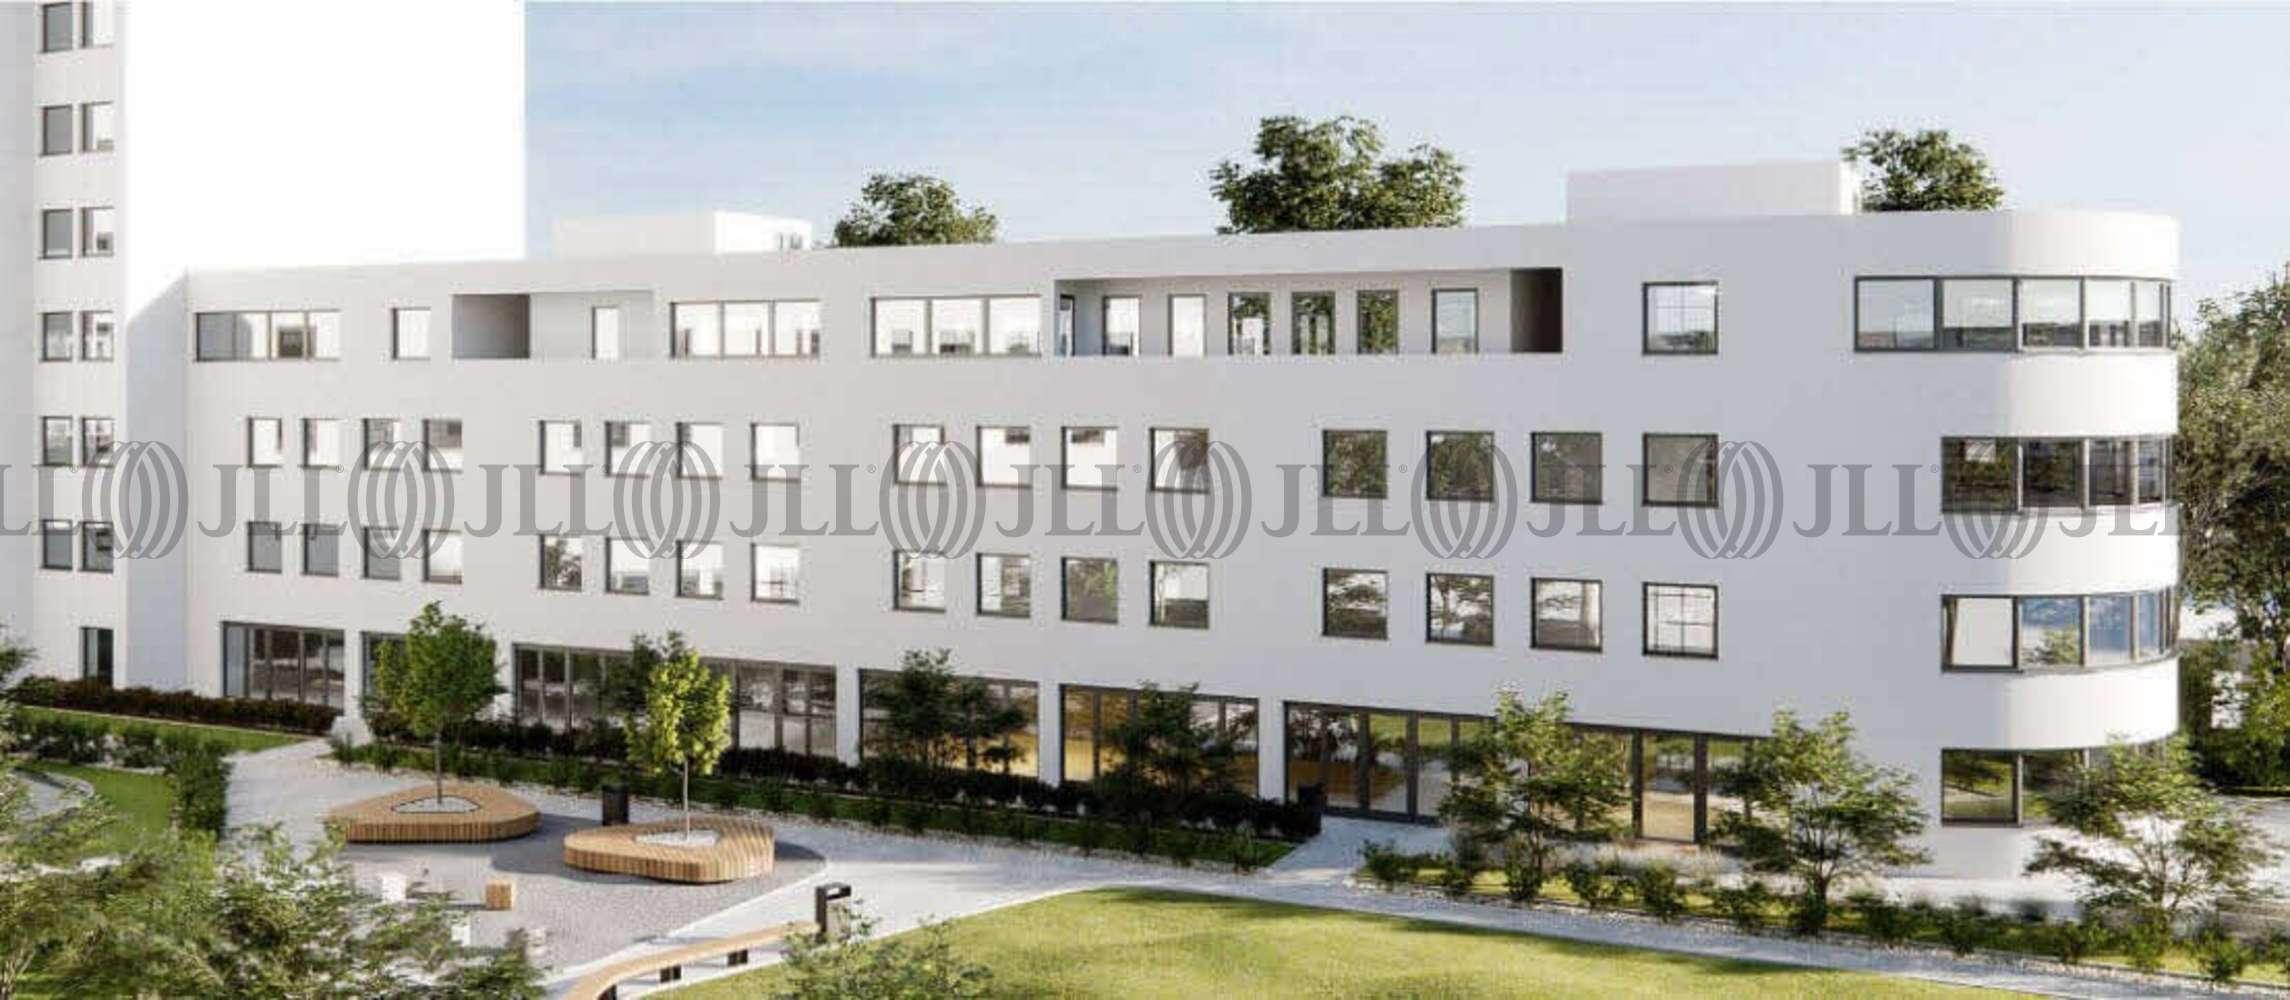 Büros Berlin, 10369 - Büro - Berlin, Lichtenberg - B1017 - 9555859